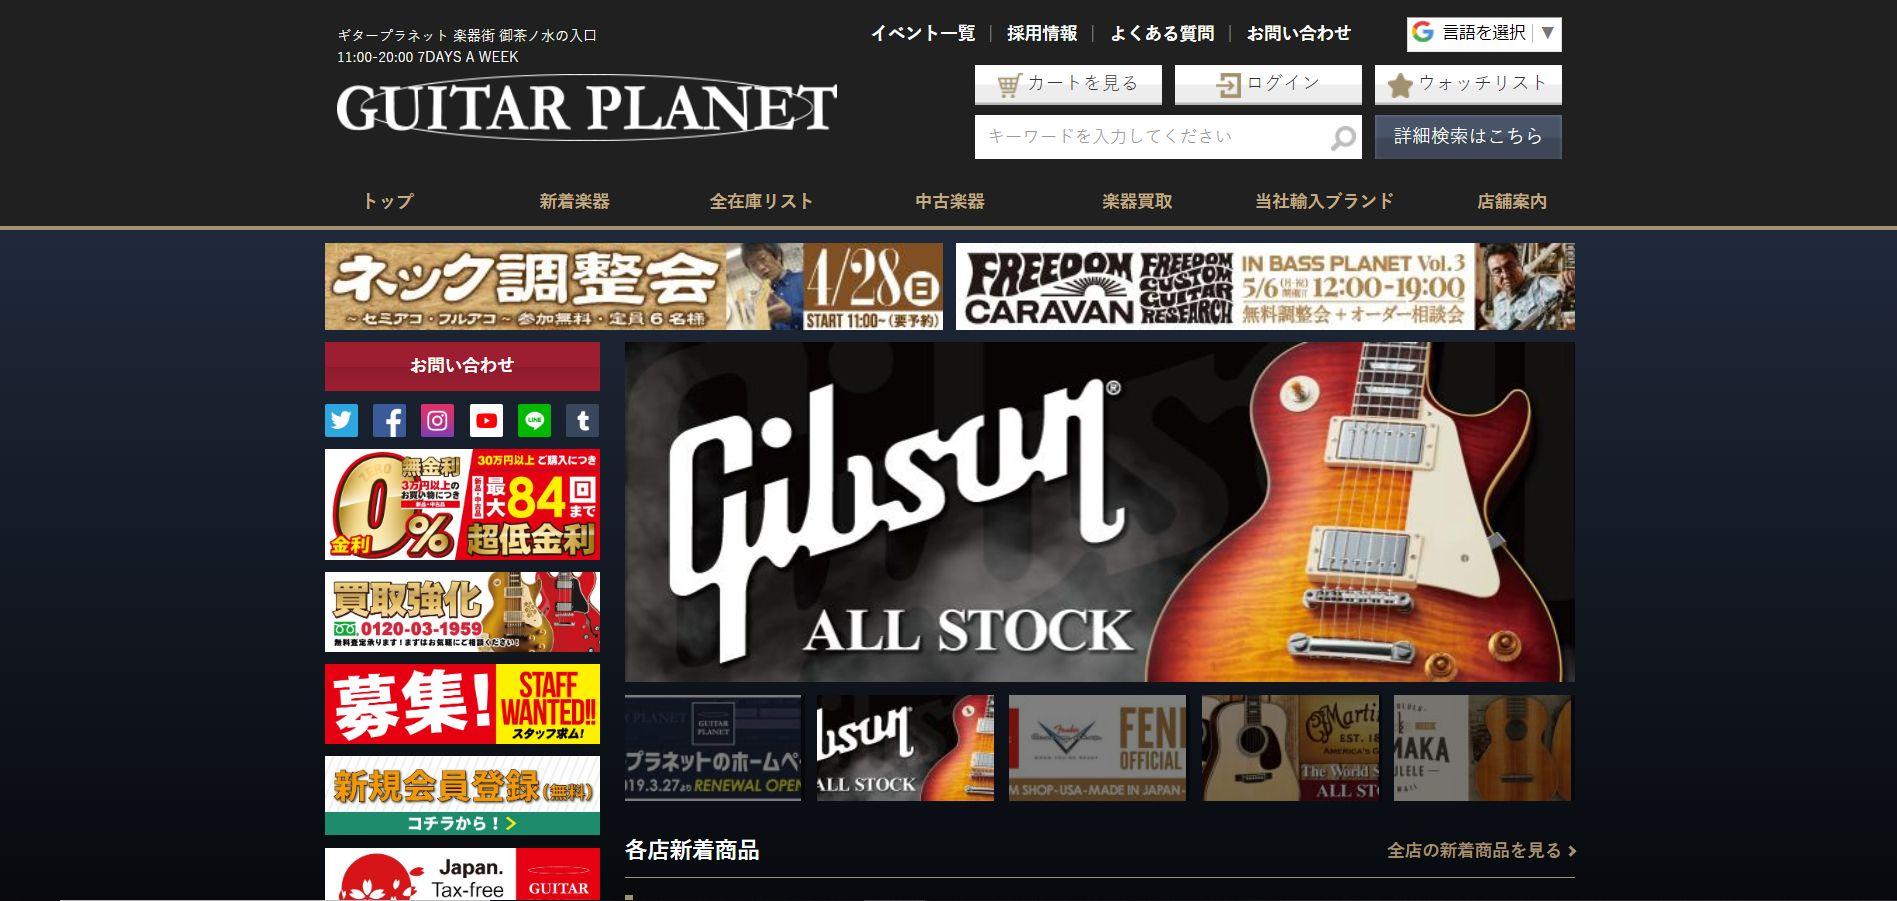 ギタープラネットのギター買取(御茶ノ水)